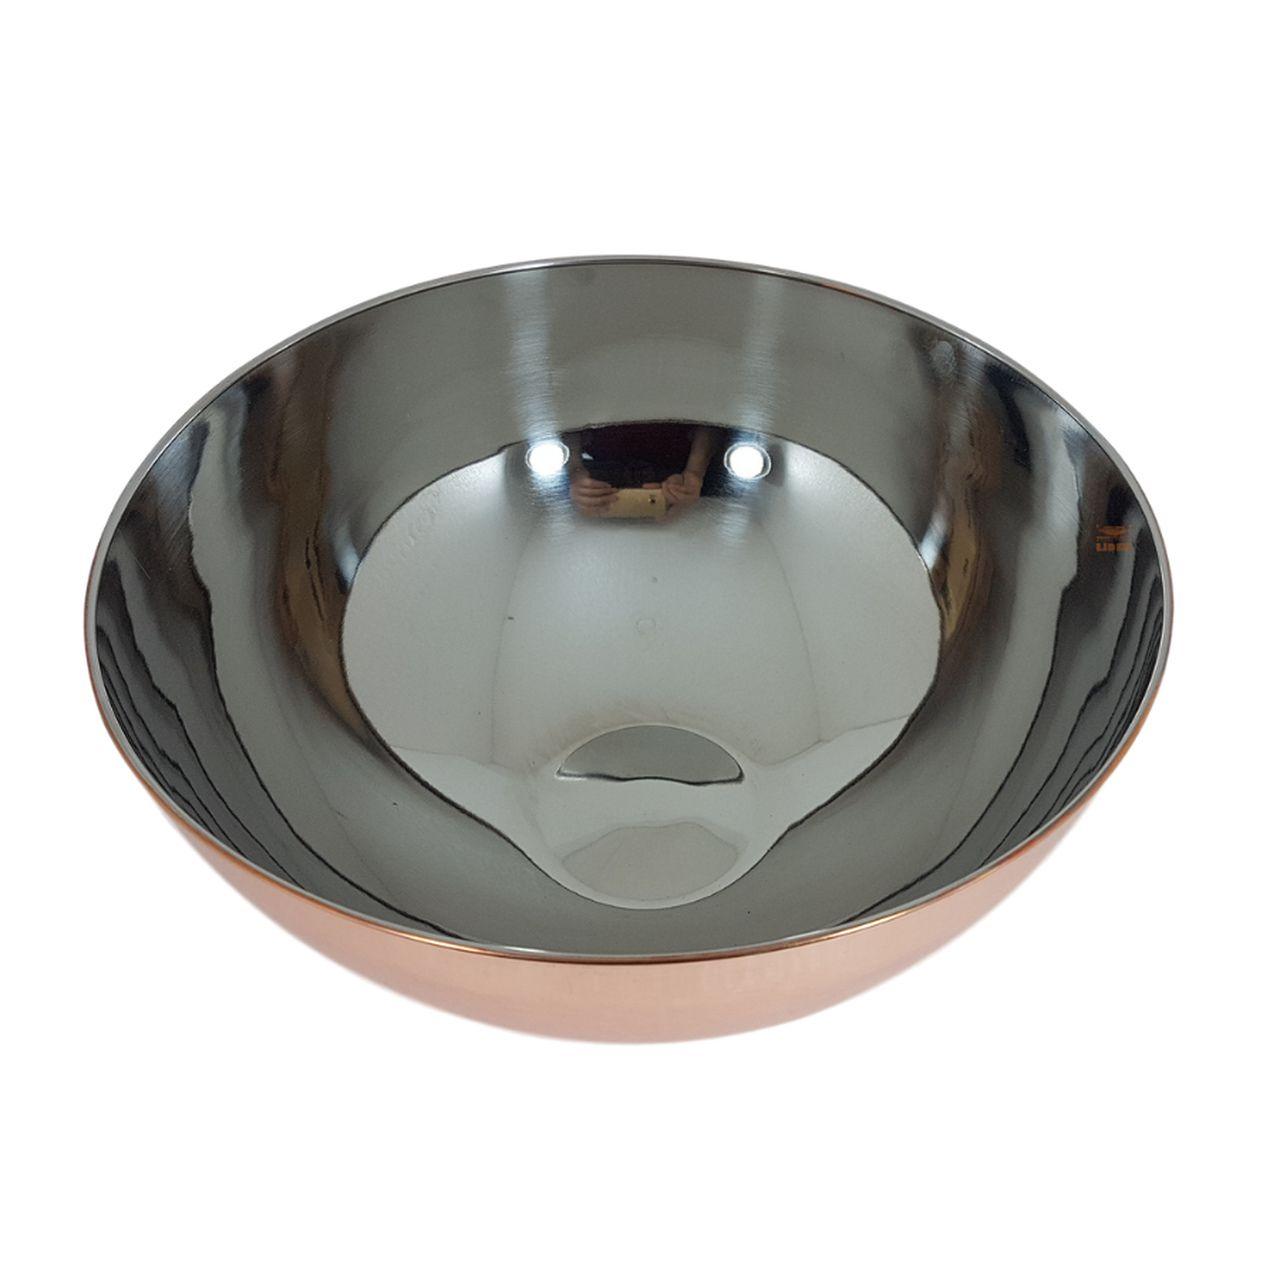 Bowl inox cobreado 28 cm